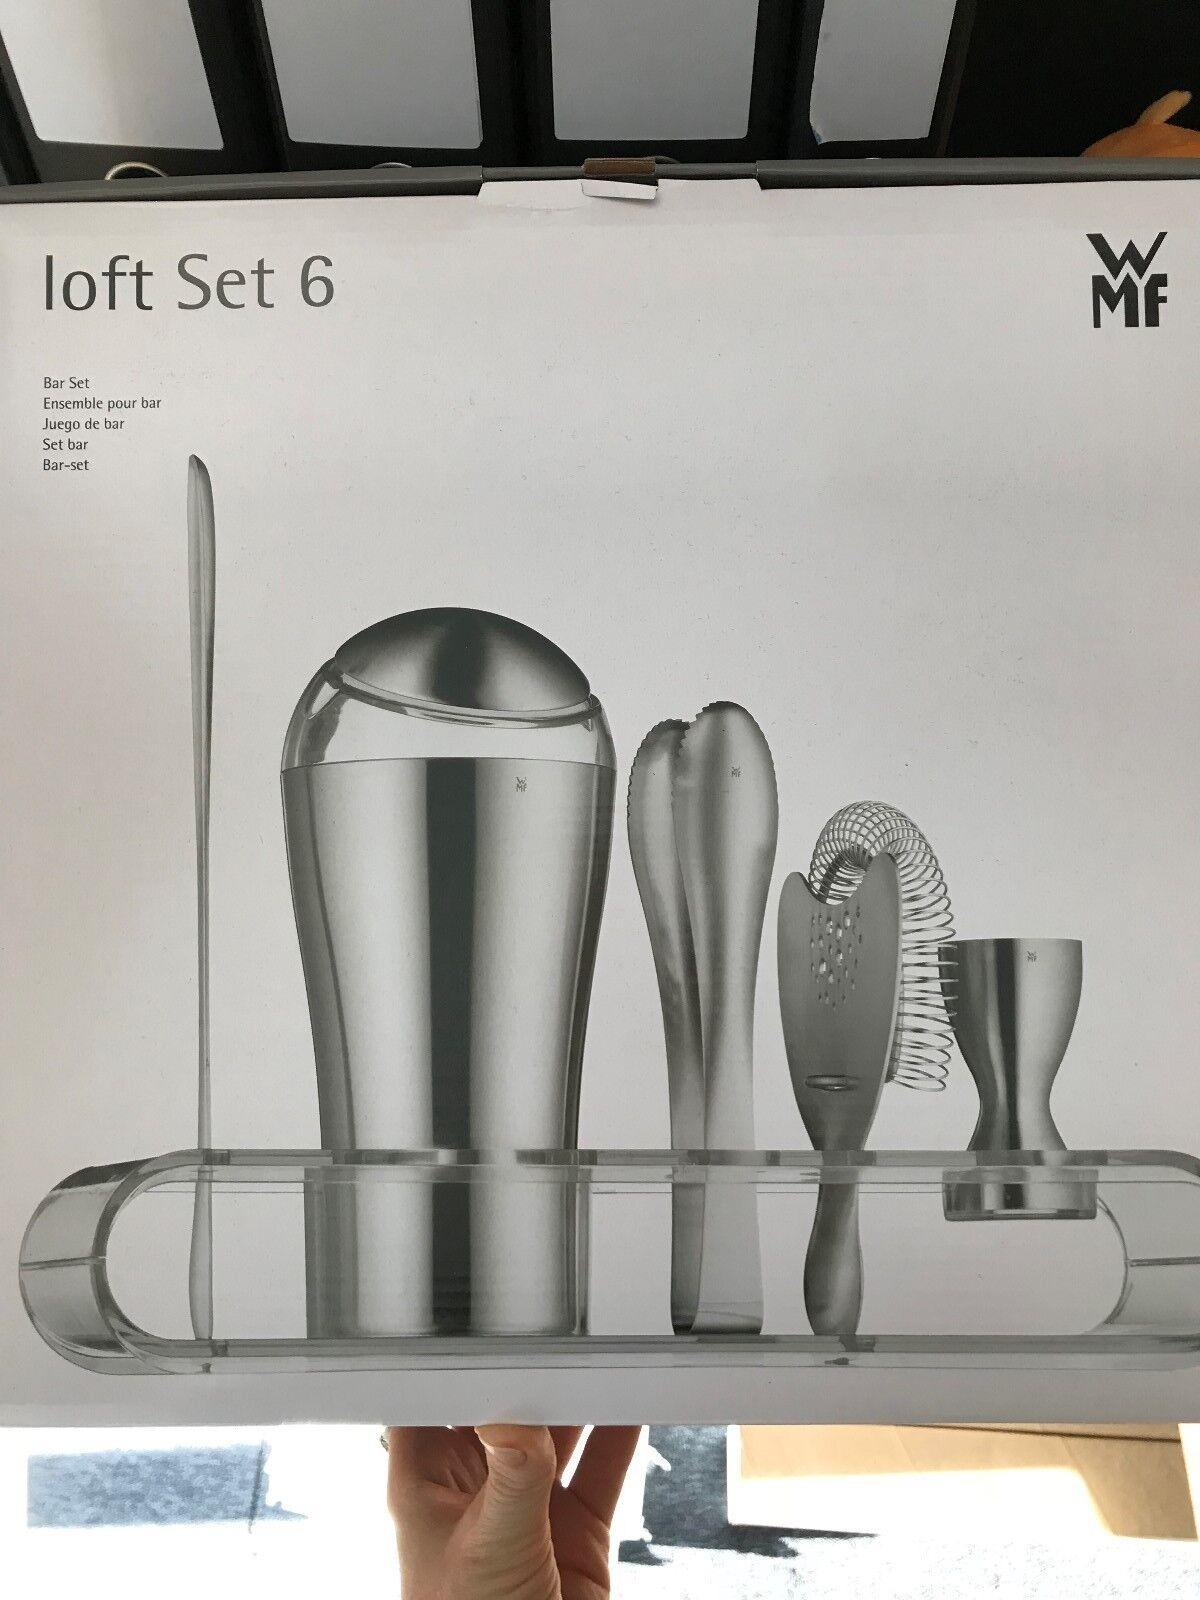 WMF Bar-Set 6-teilig 6-teilig 6-teilig Loft Edelstahl rostfrei NEU | Online Shop  e60815